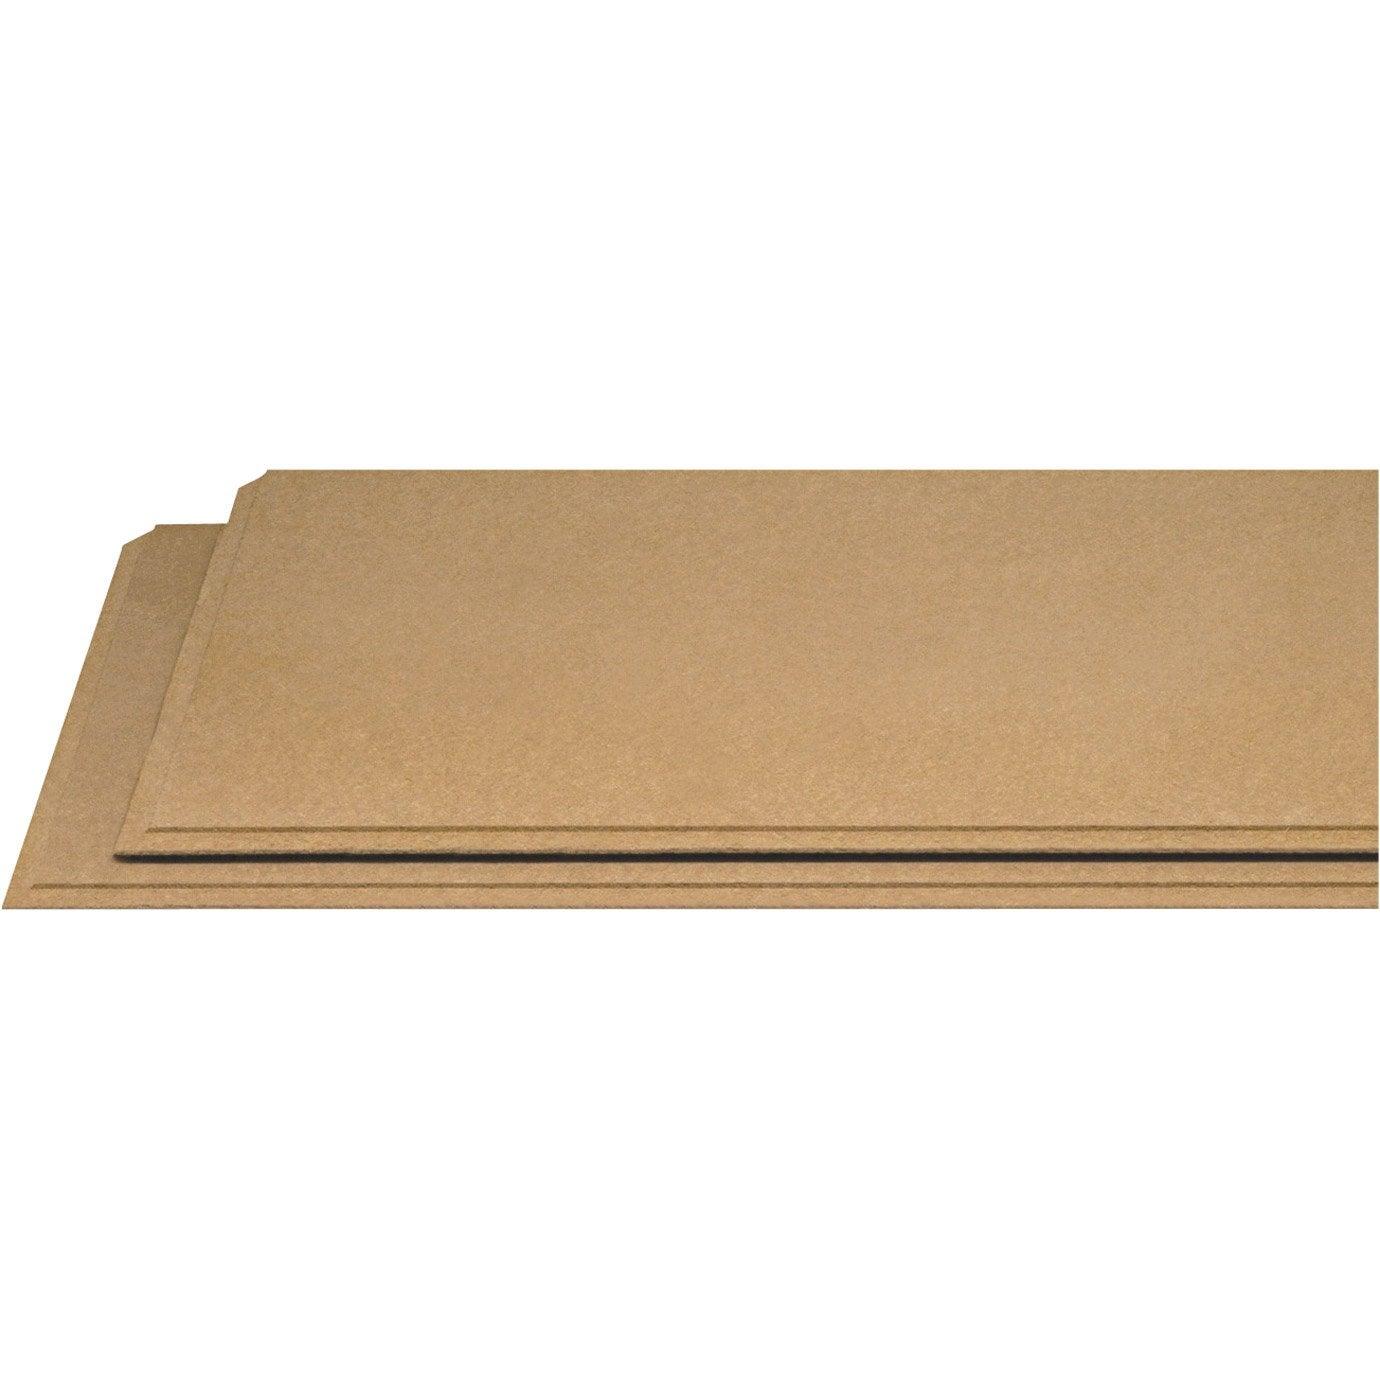 panneau en fibre de bois agepan 230 hd. Black Bedroom Furniture Sets. Home Design Ideas